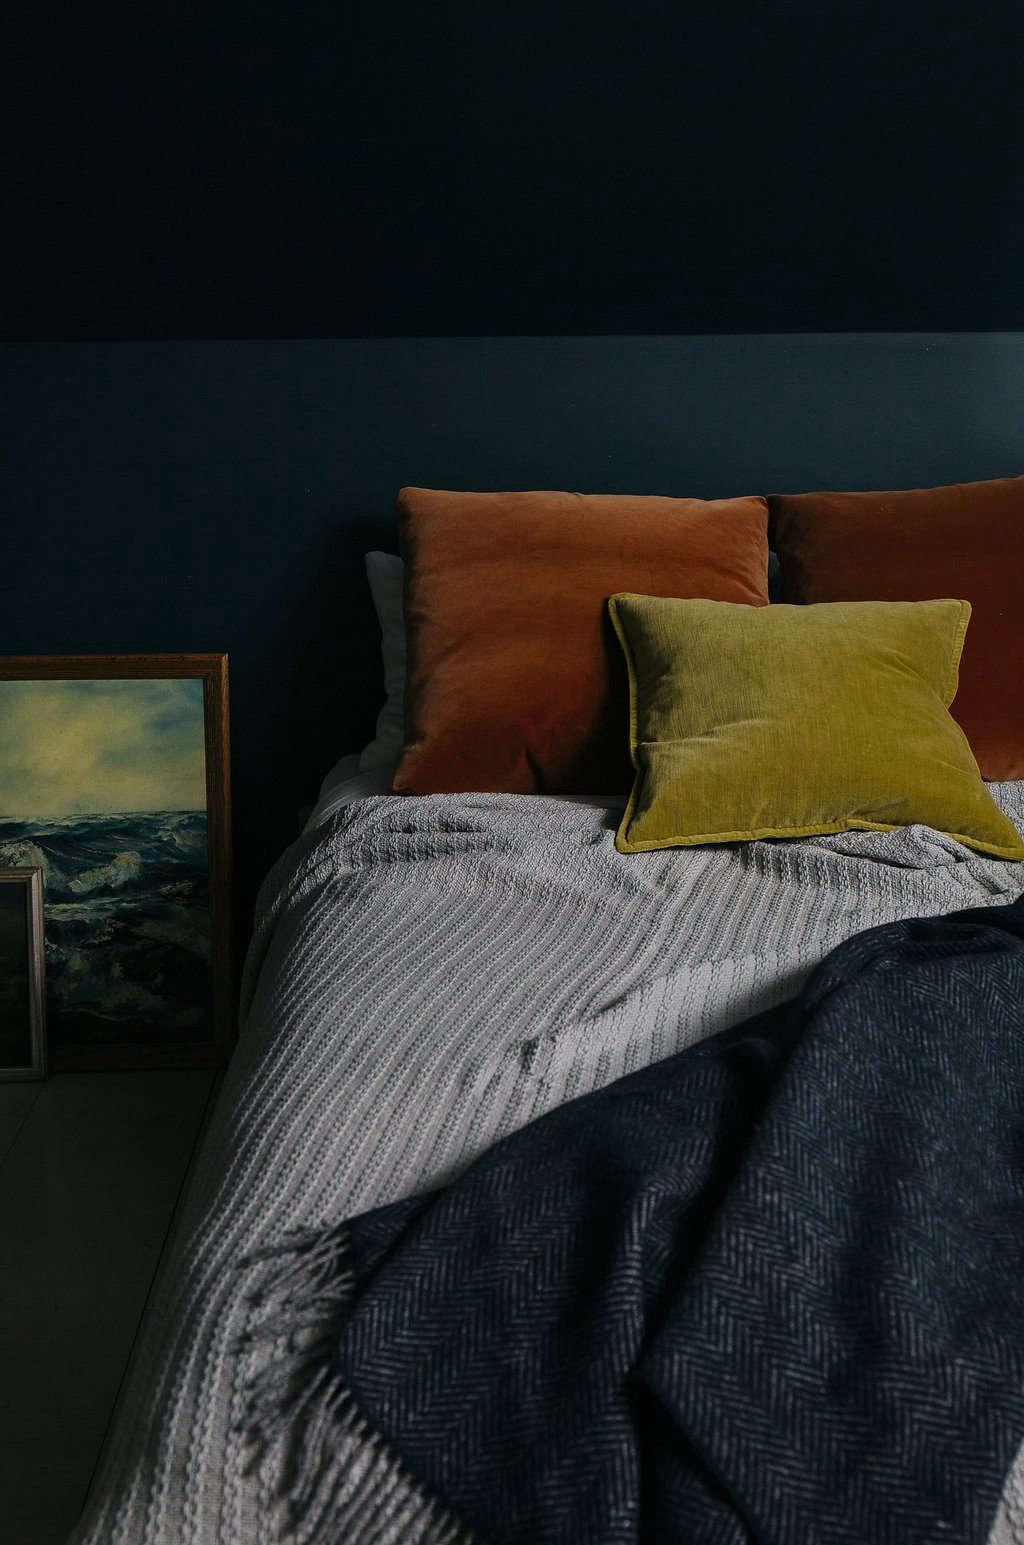 确保你的床和枕头很柔软,保持温暖。需要毯子吗?看着《爱丽丝》:爱丽丝·威尔伍德,在波特兰。